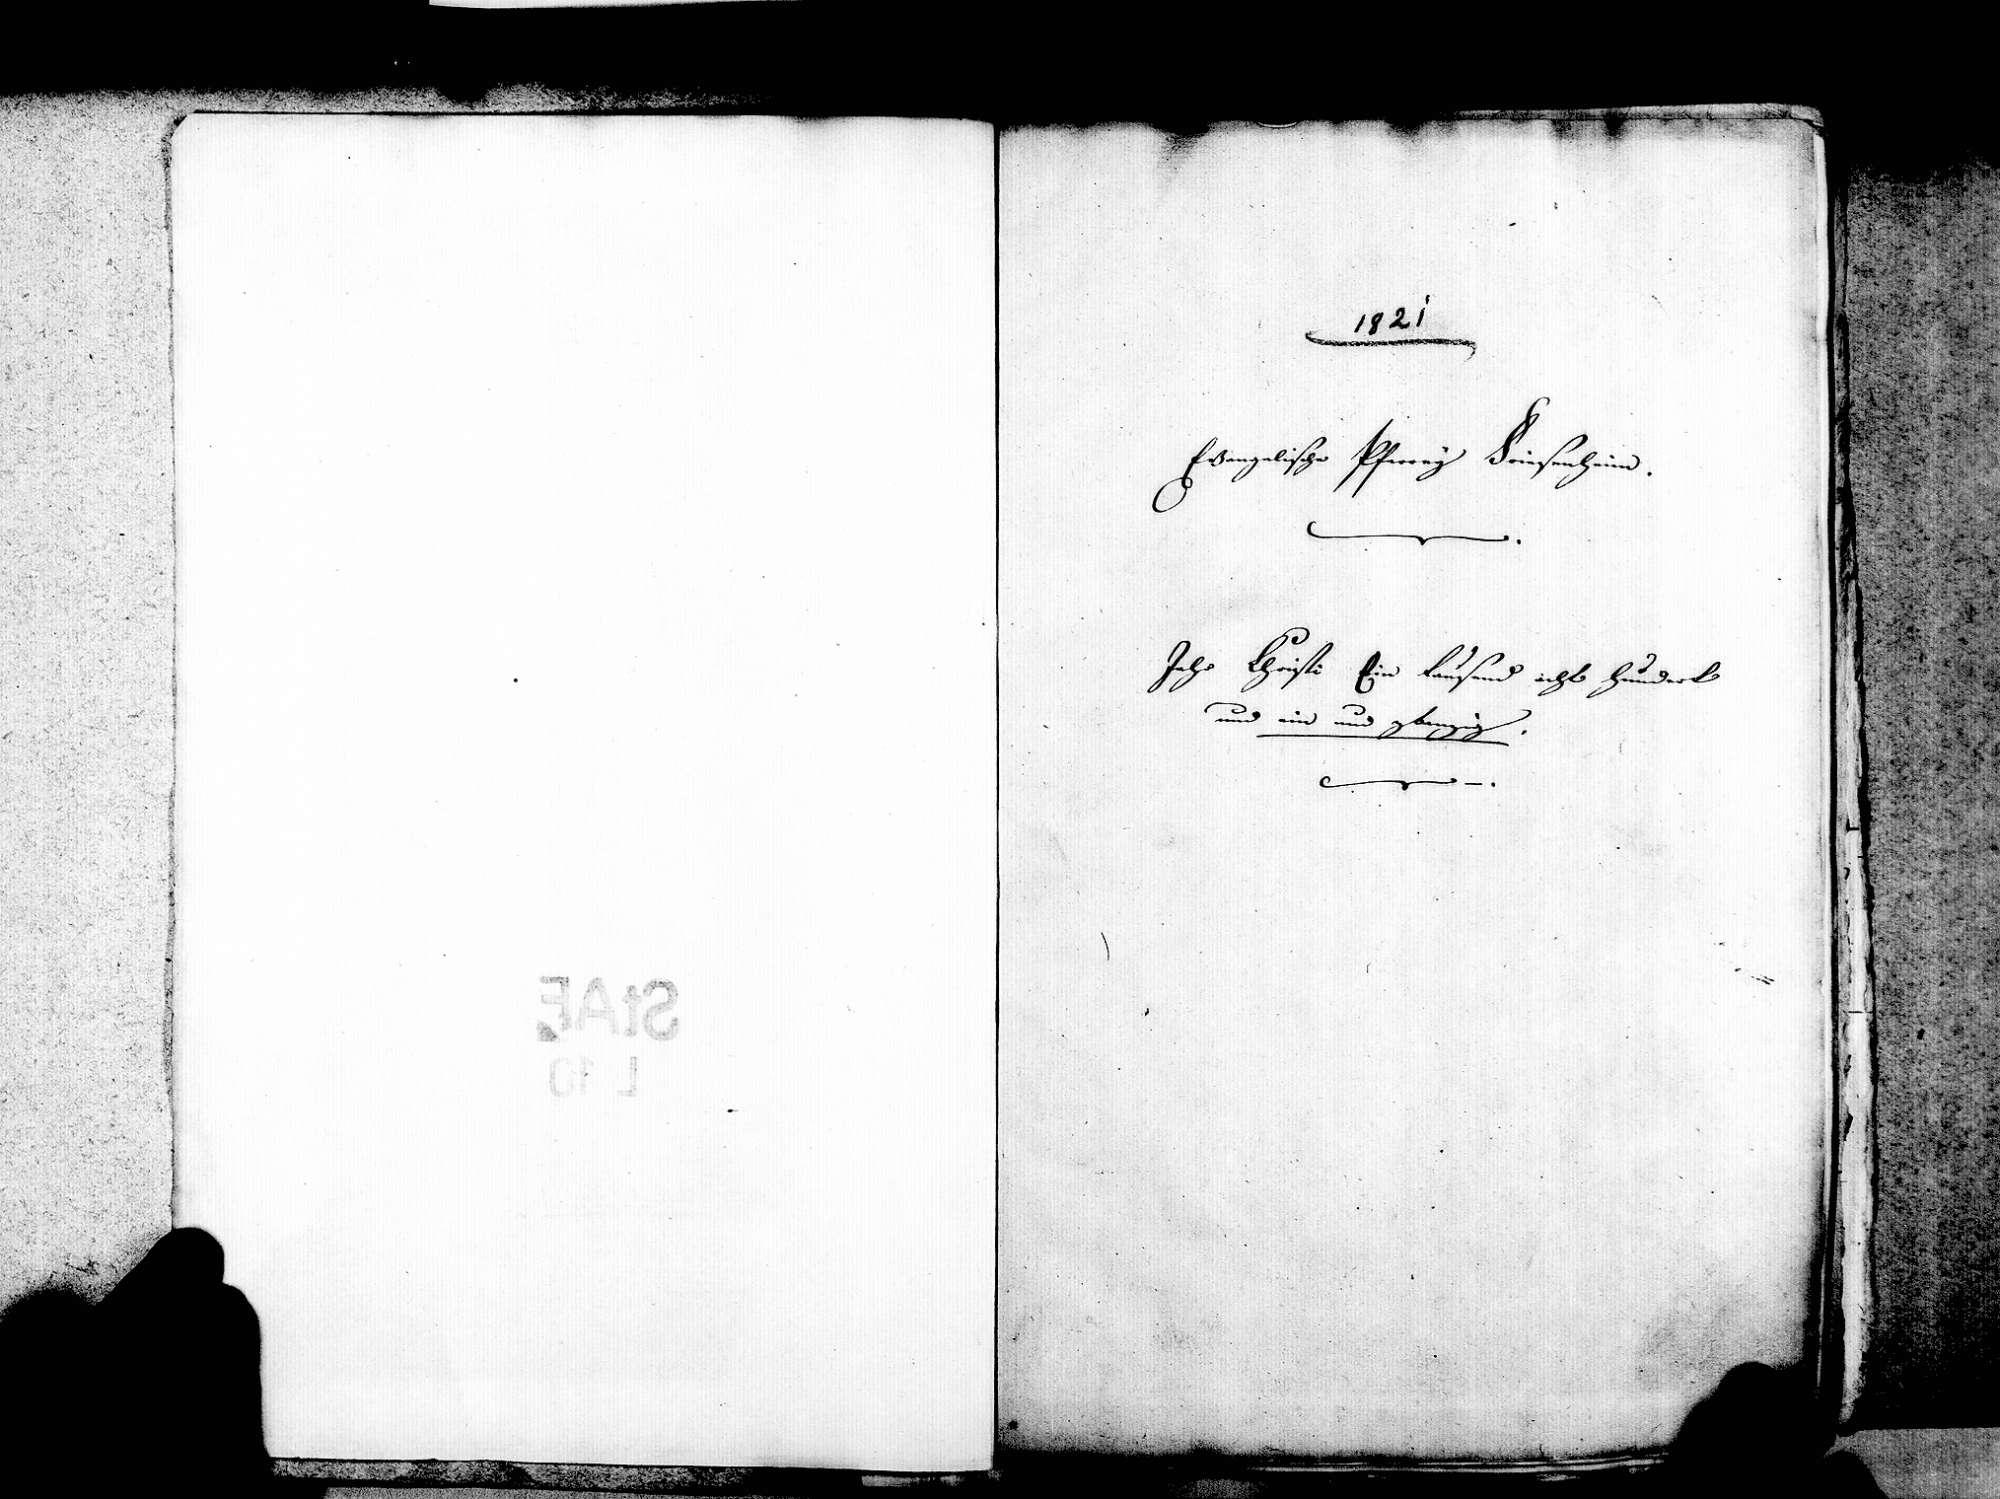 Friesenheim OG; Evangelische Gemeinde: Standesbuch 1821-1835 Friesenheim OG; Katholische Gemeinde: Standesbuch 1821-1835 Friesenheim OG; Israelitische Gemeinde: Standesbuch 1821-1835, Bild 3